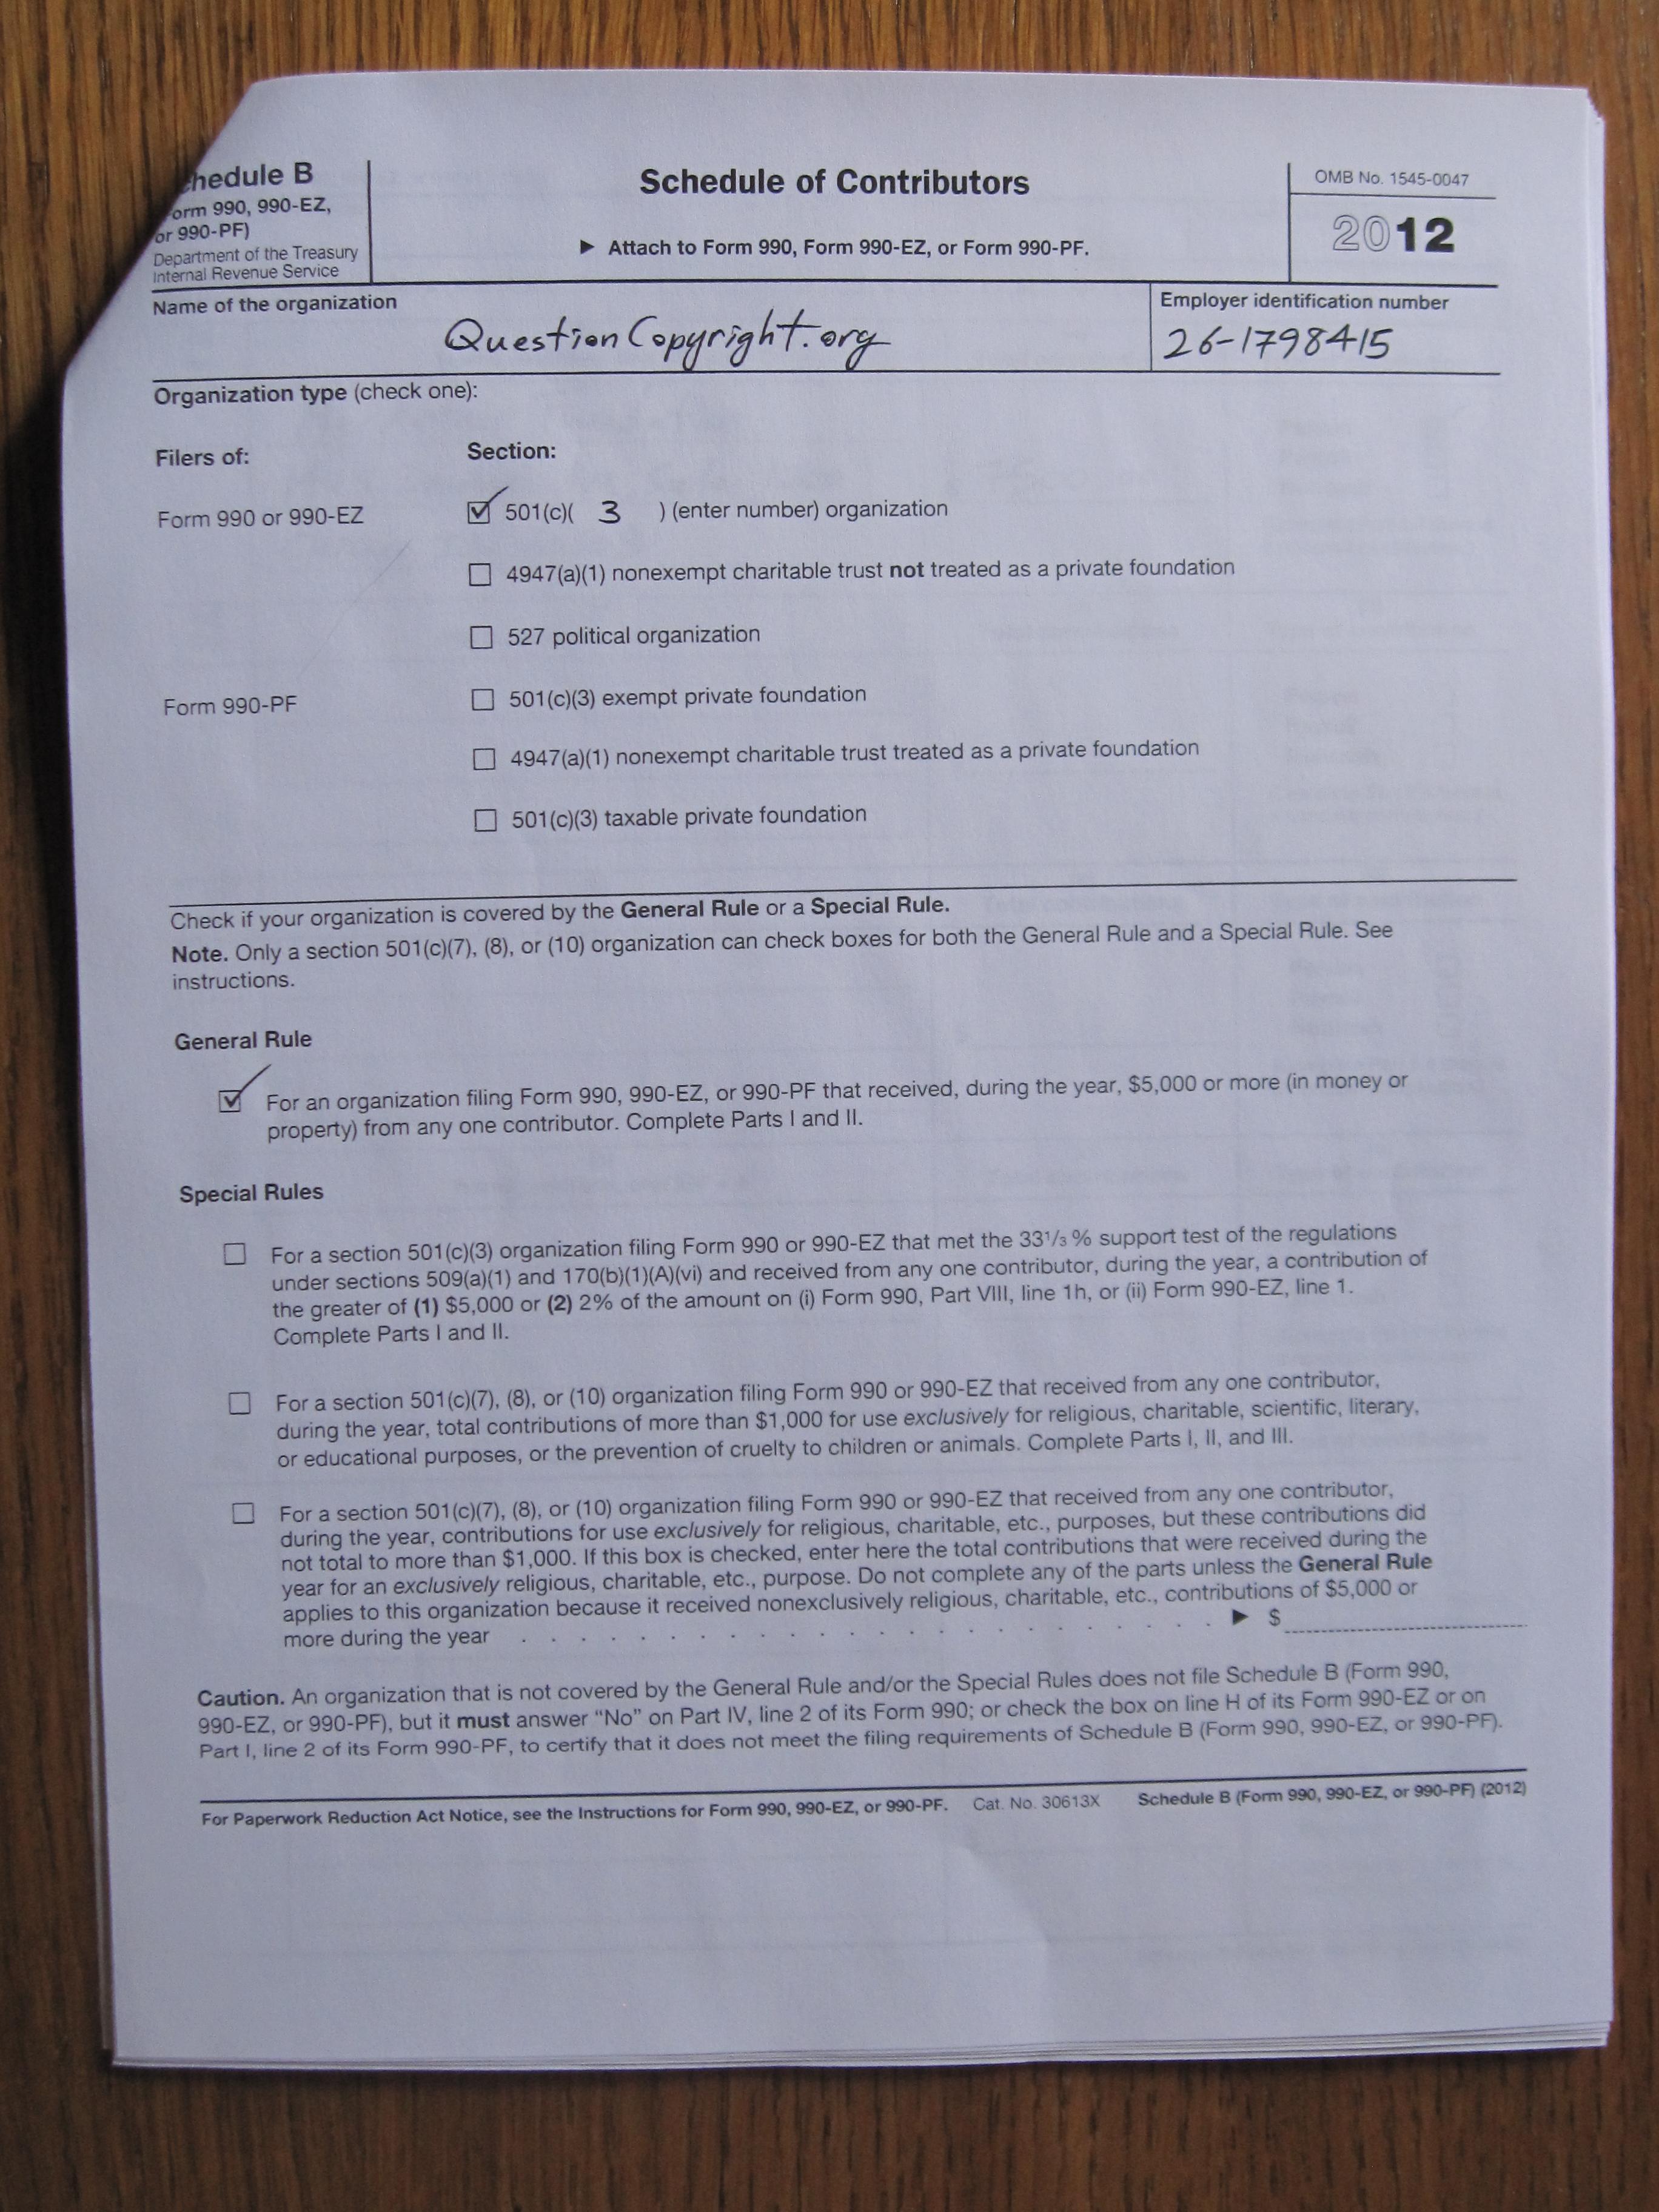 Corporate documents tax returns etc questioncopyright 2012 990 ez schedule b page 1 falaconquin